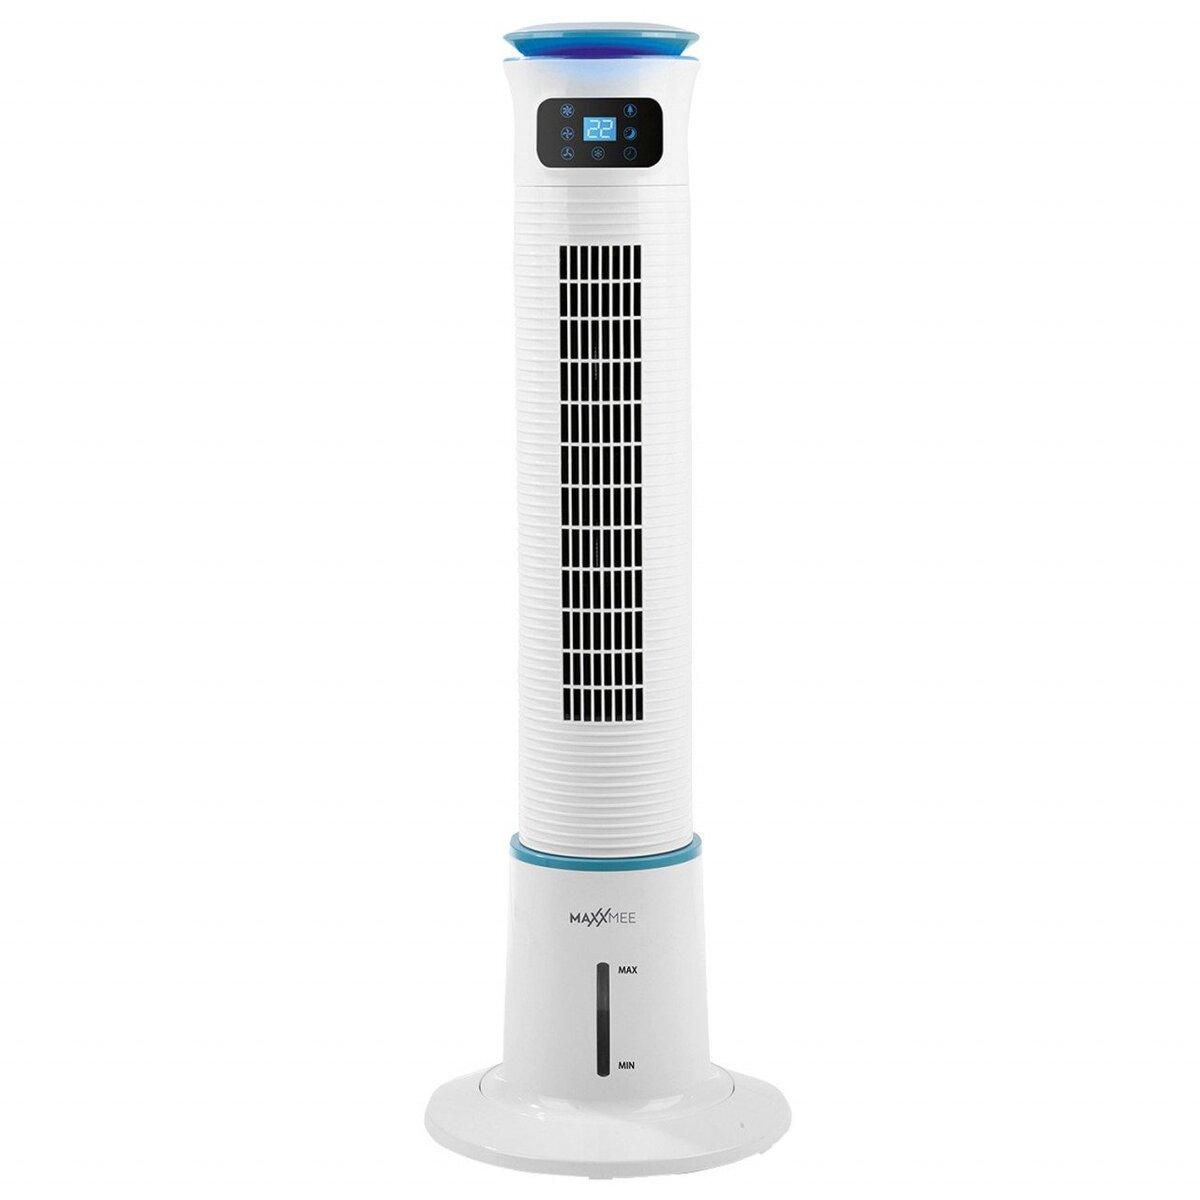 Bild 1 von MAXXMEE Luftkühler mit Wassertank 5 l, 60 W, weiß/blau